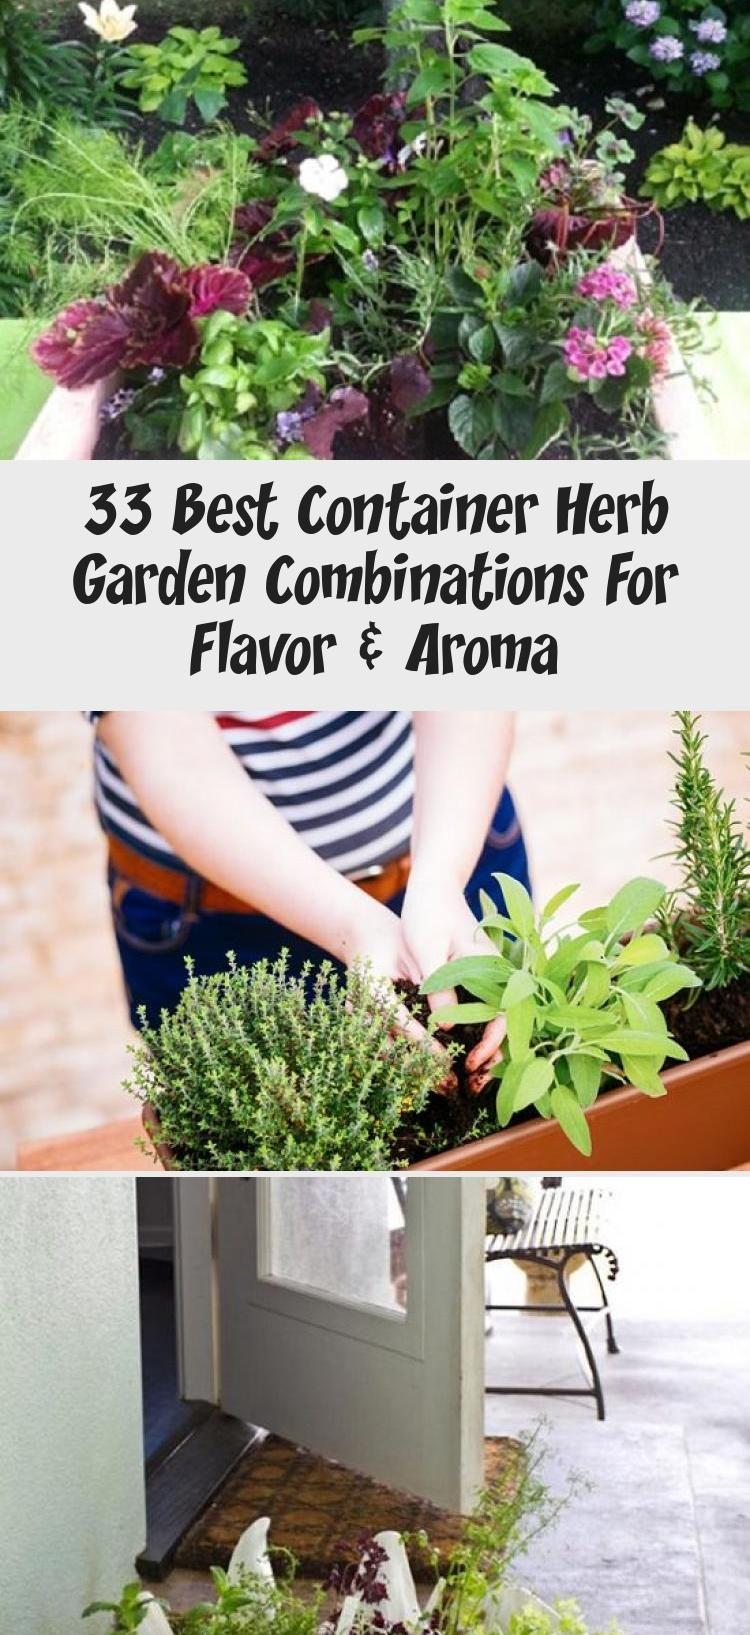 33 Best Container Herb Garden Combinations For Flavor Aroma Container Herb Garden Outdoor Herb Garden Herbal Tea Garden